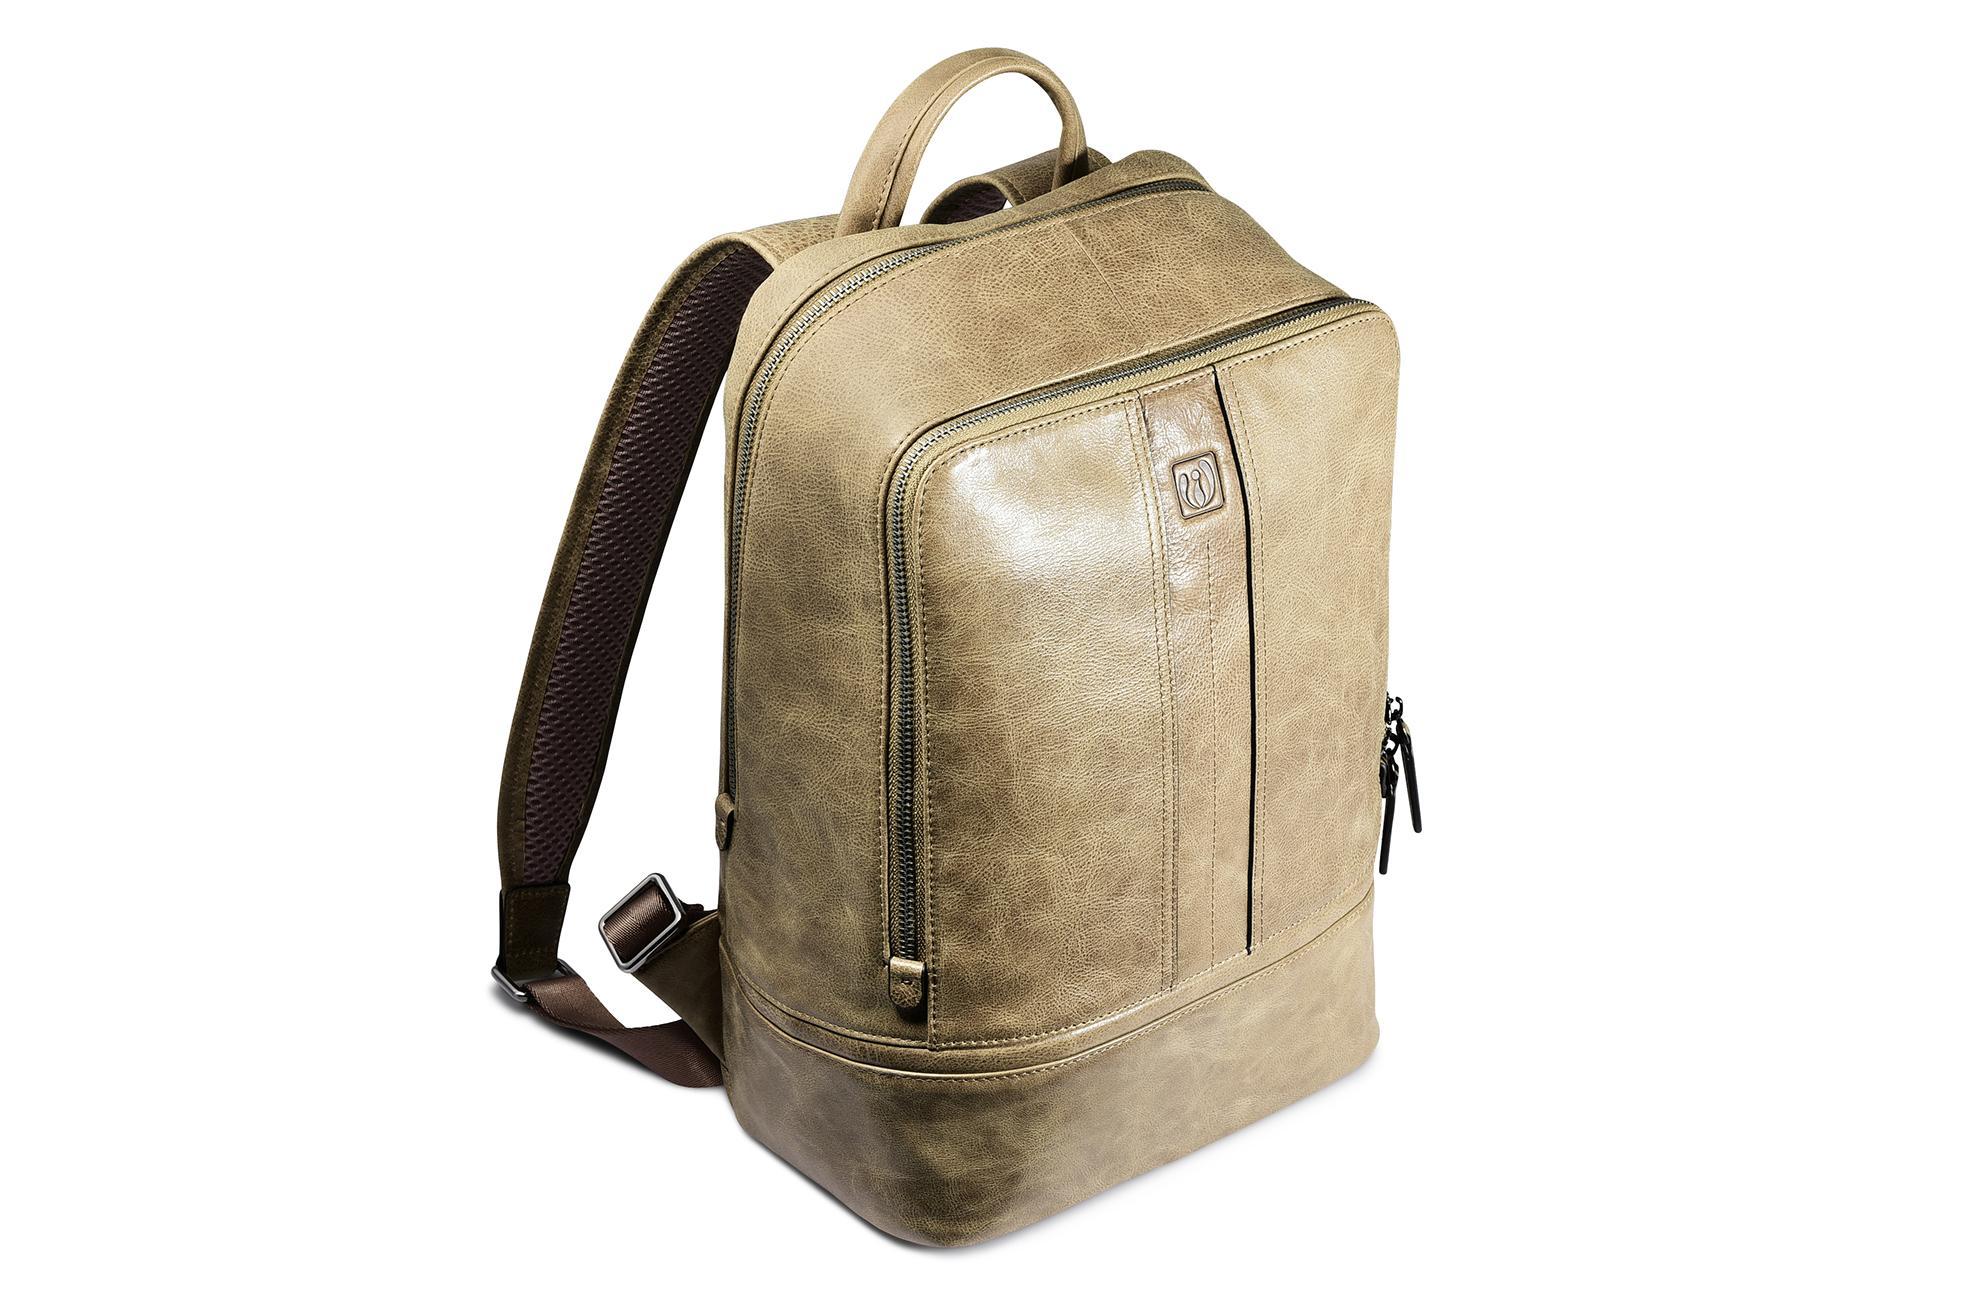 iCarer Shenzhou Real Leather Backpack 6